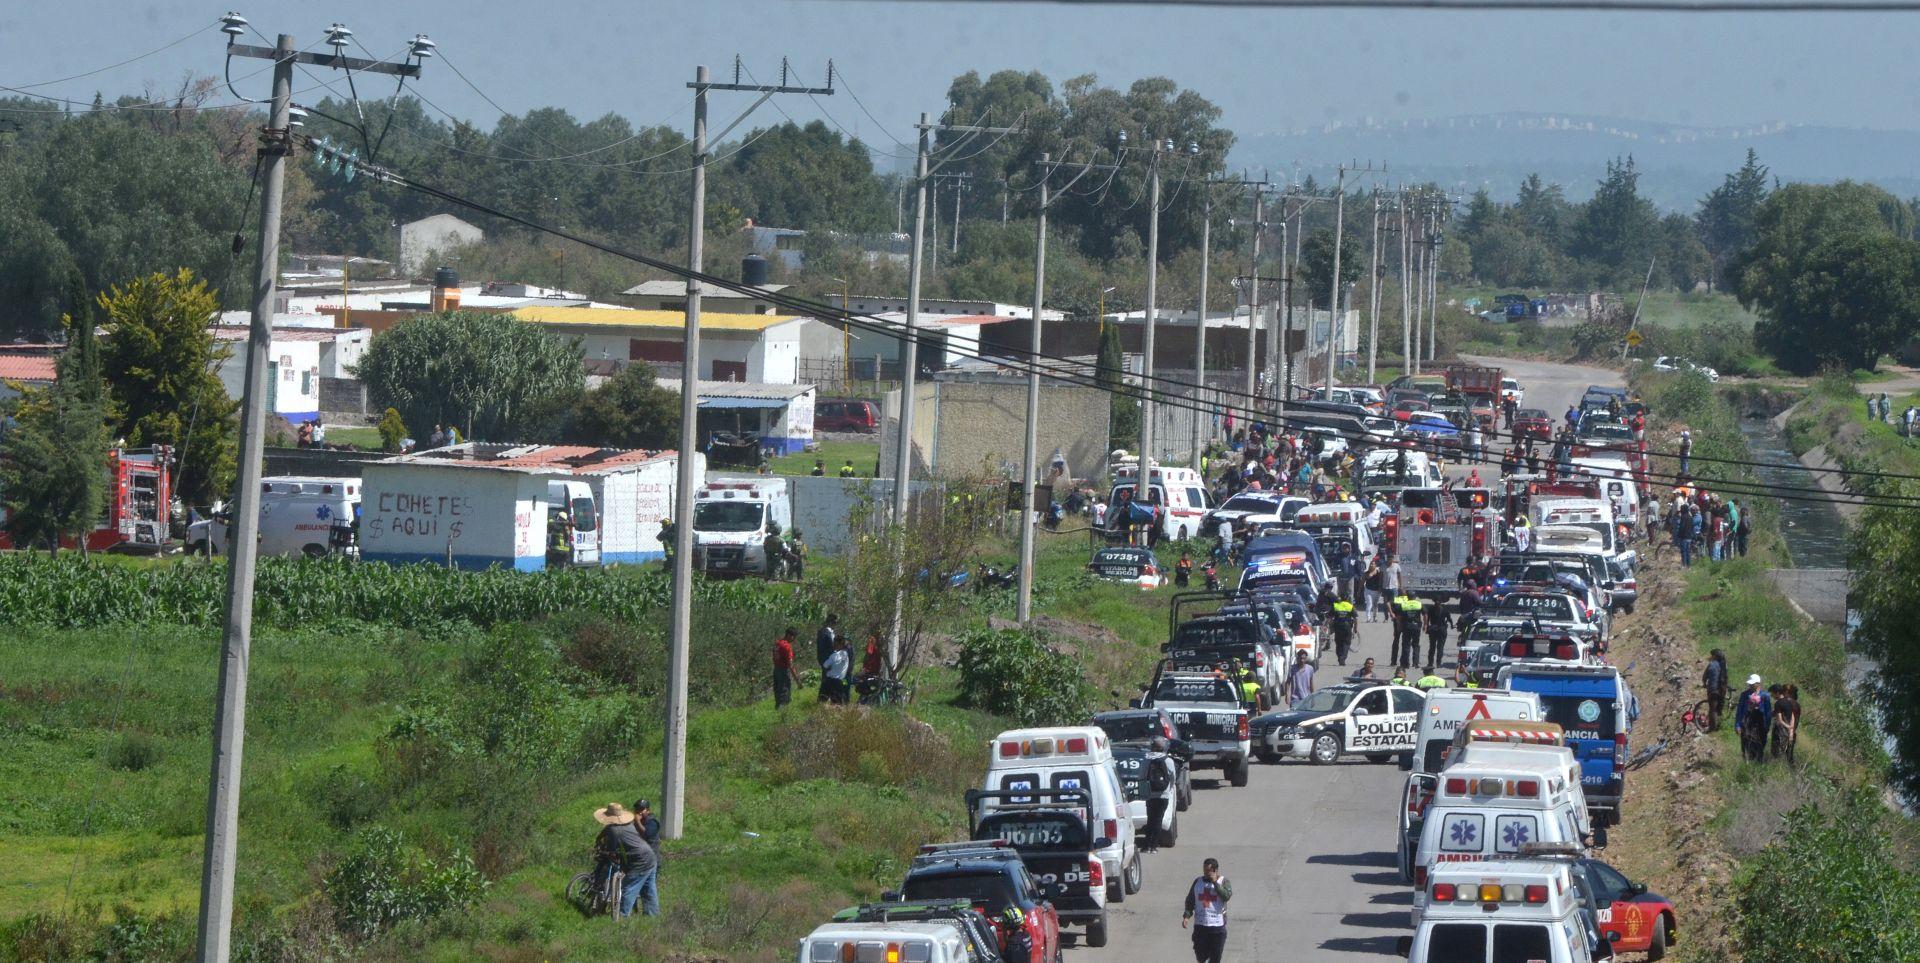 Eksplozije u skladištu vatrometa, najmanje 24 mrtvih